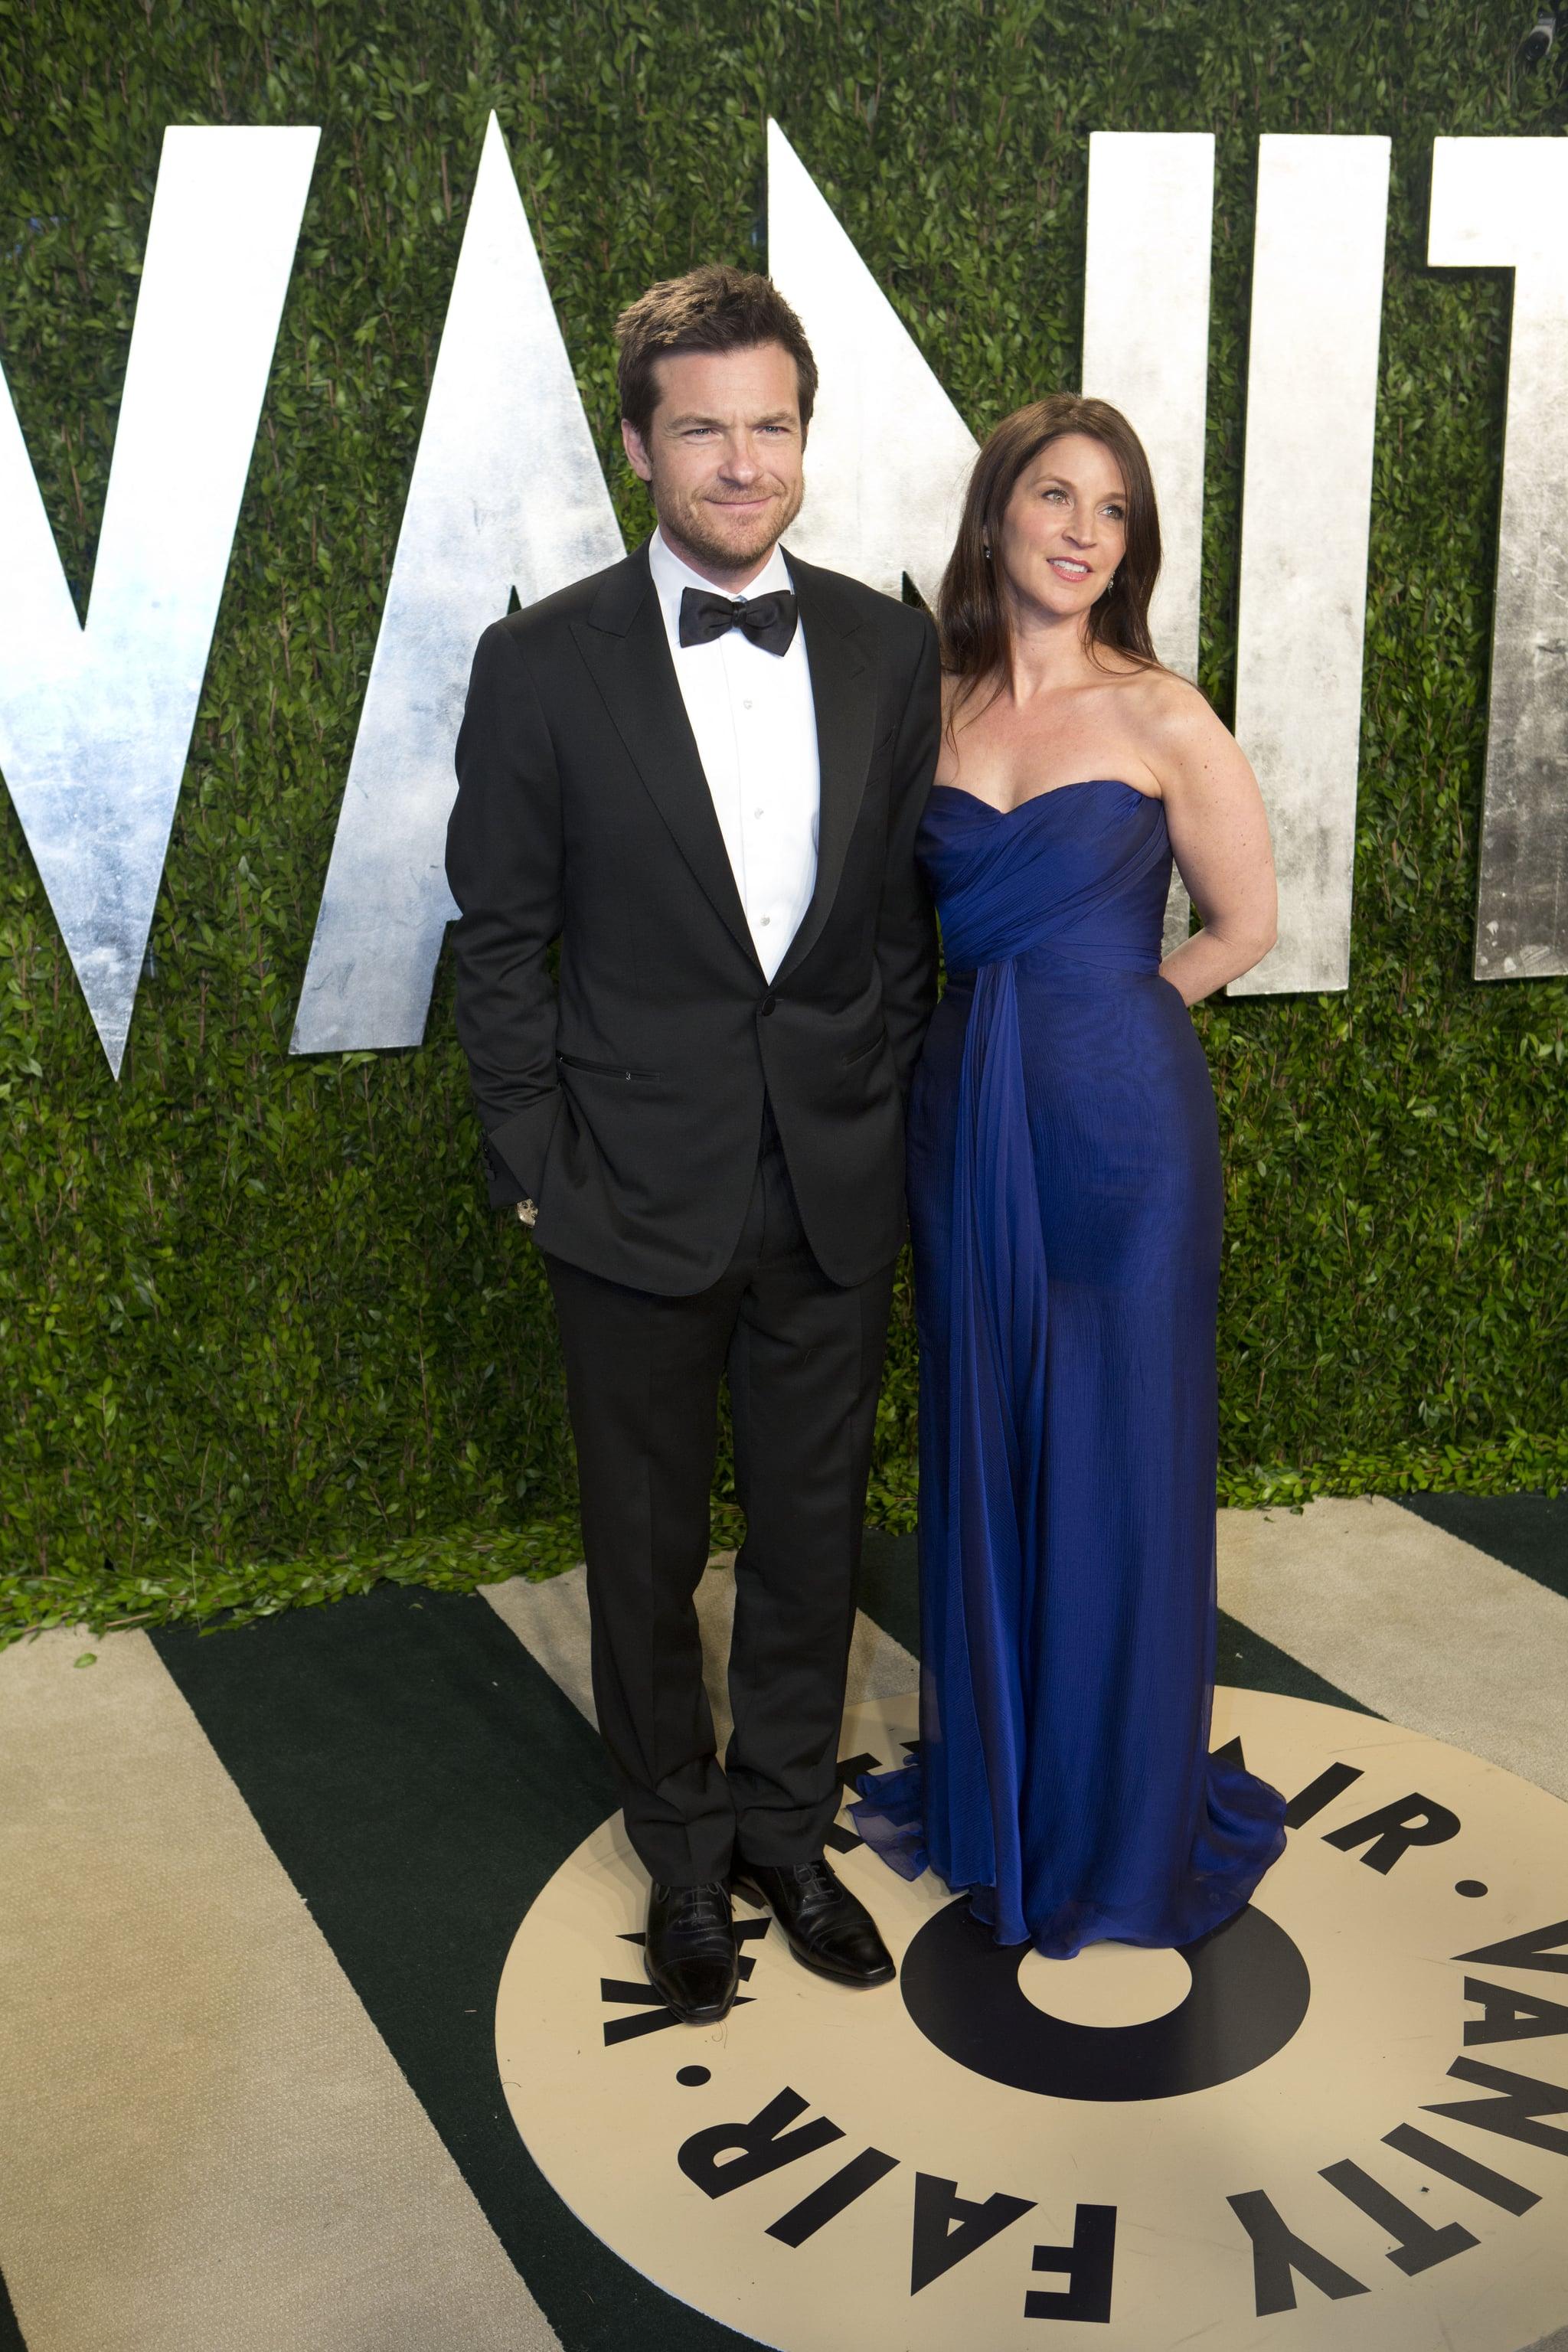 Jason Bateman and his wife, Amanda Anka, arrived at the Vanity Fair Oscar party on Sunday night.